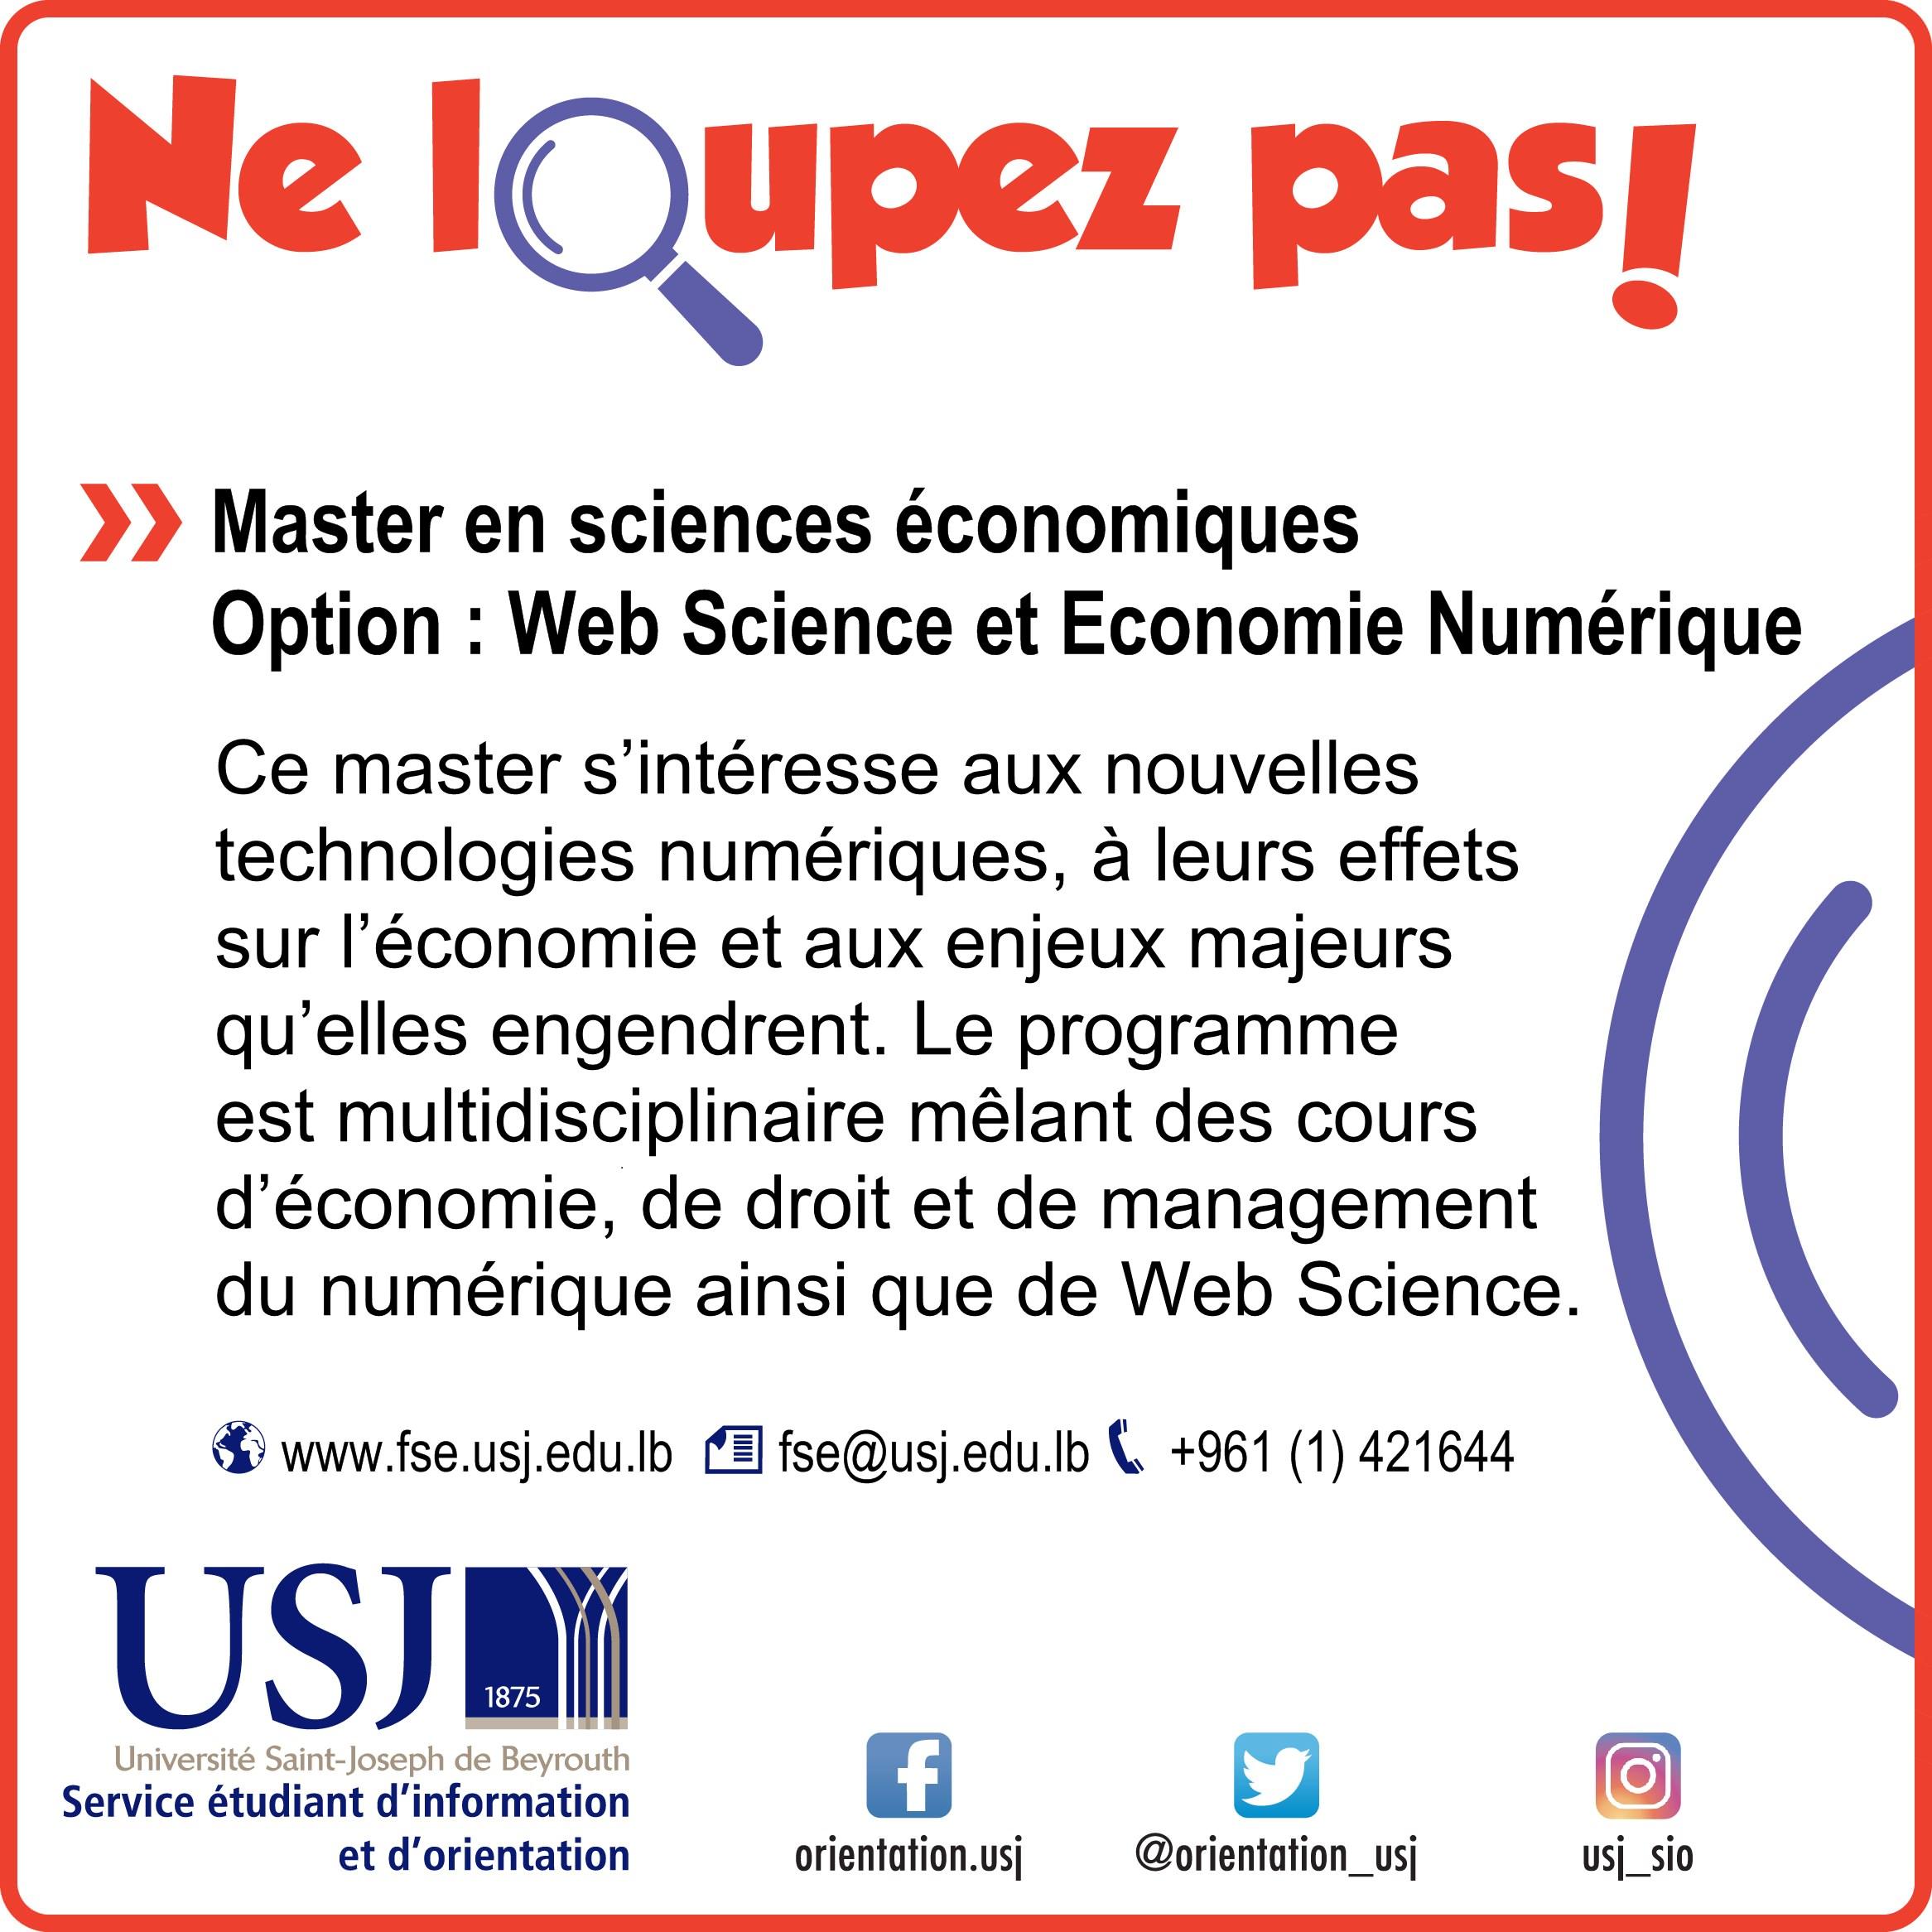 Master en sciences économiques – Option : Web Science et Economie Numérique